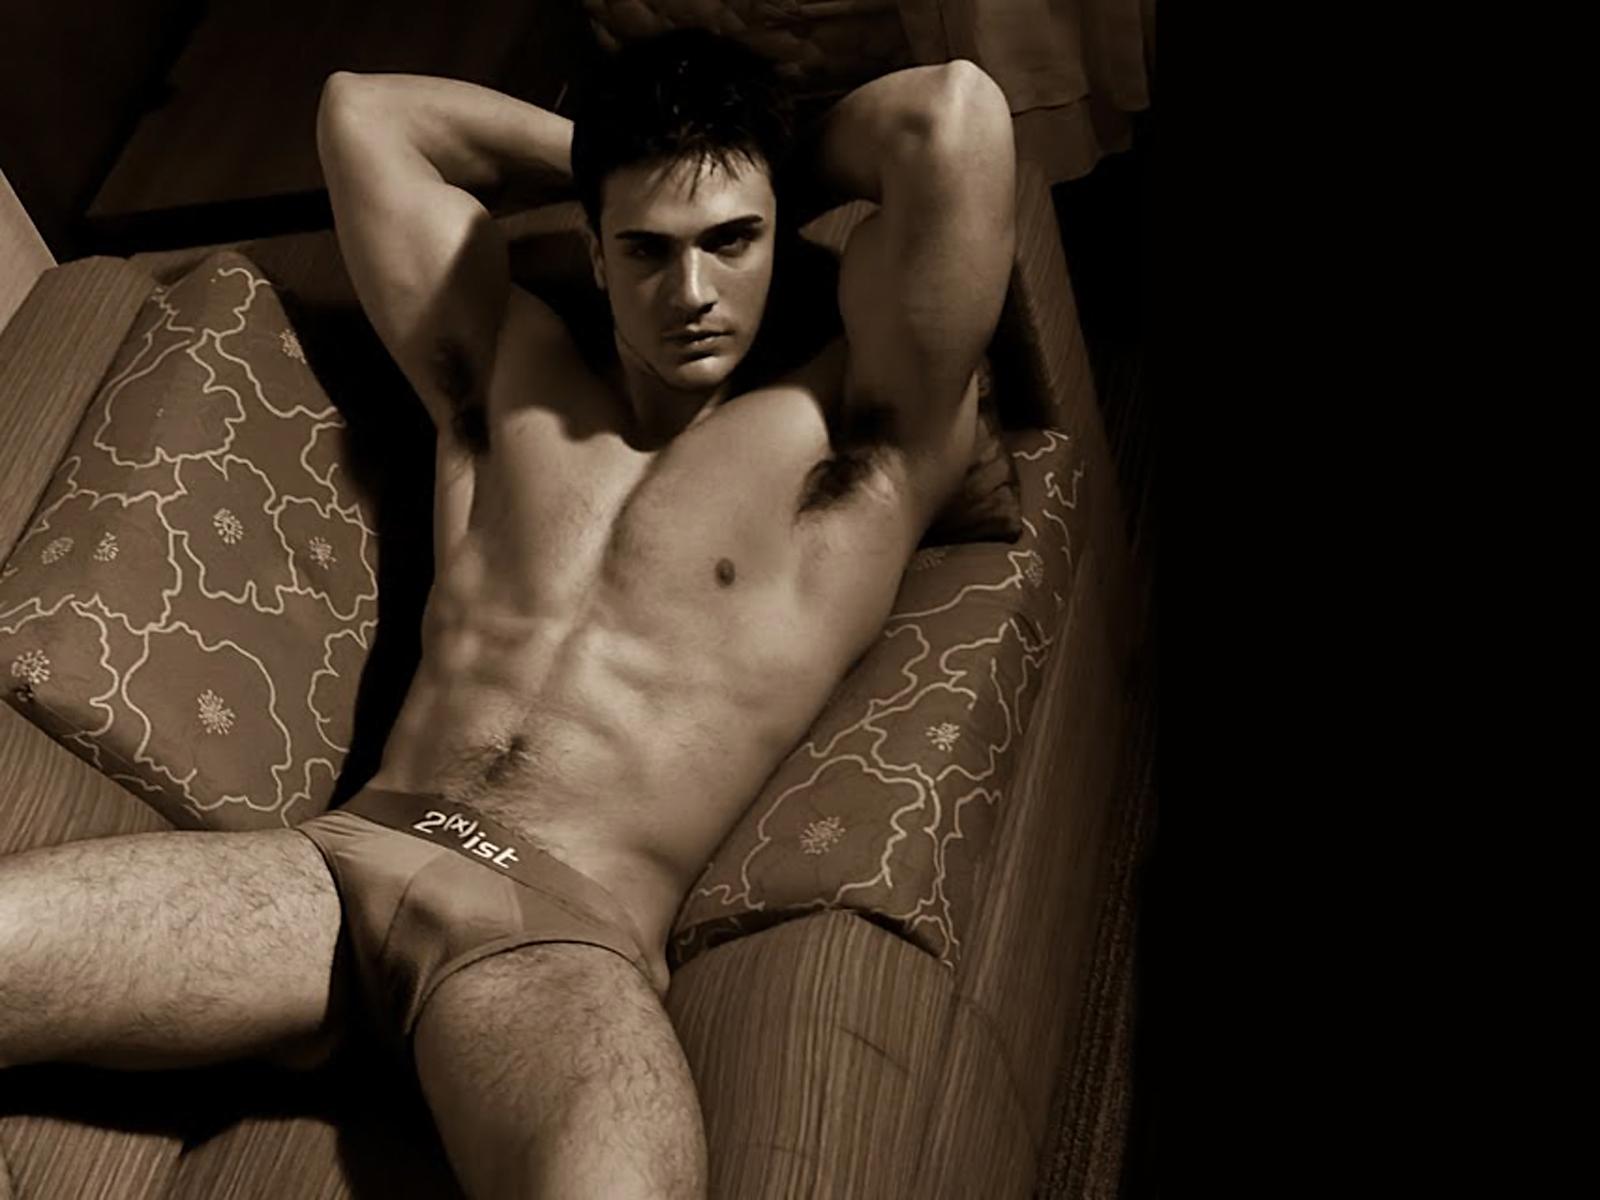 Hot male singaporean nude photo